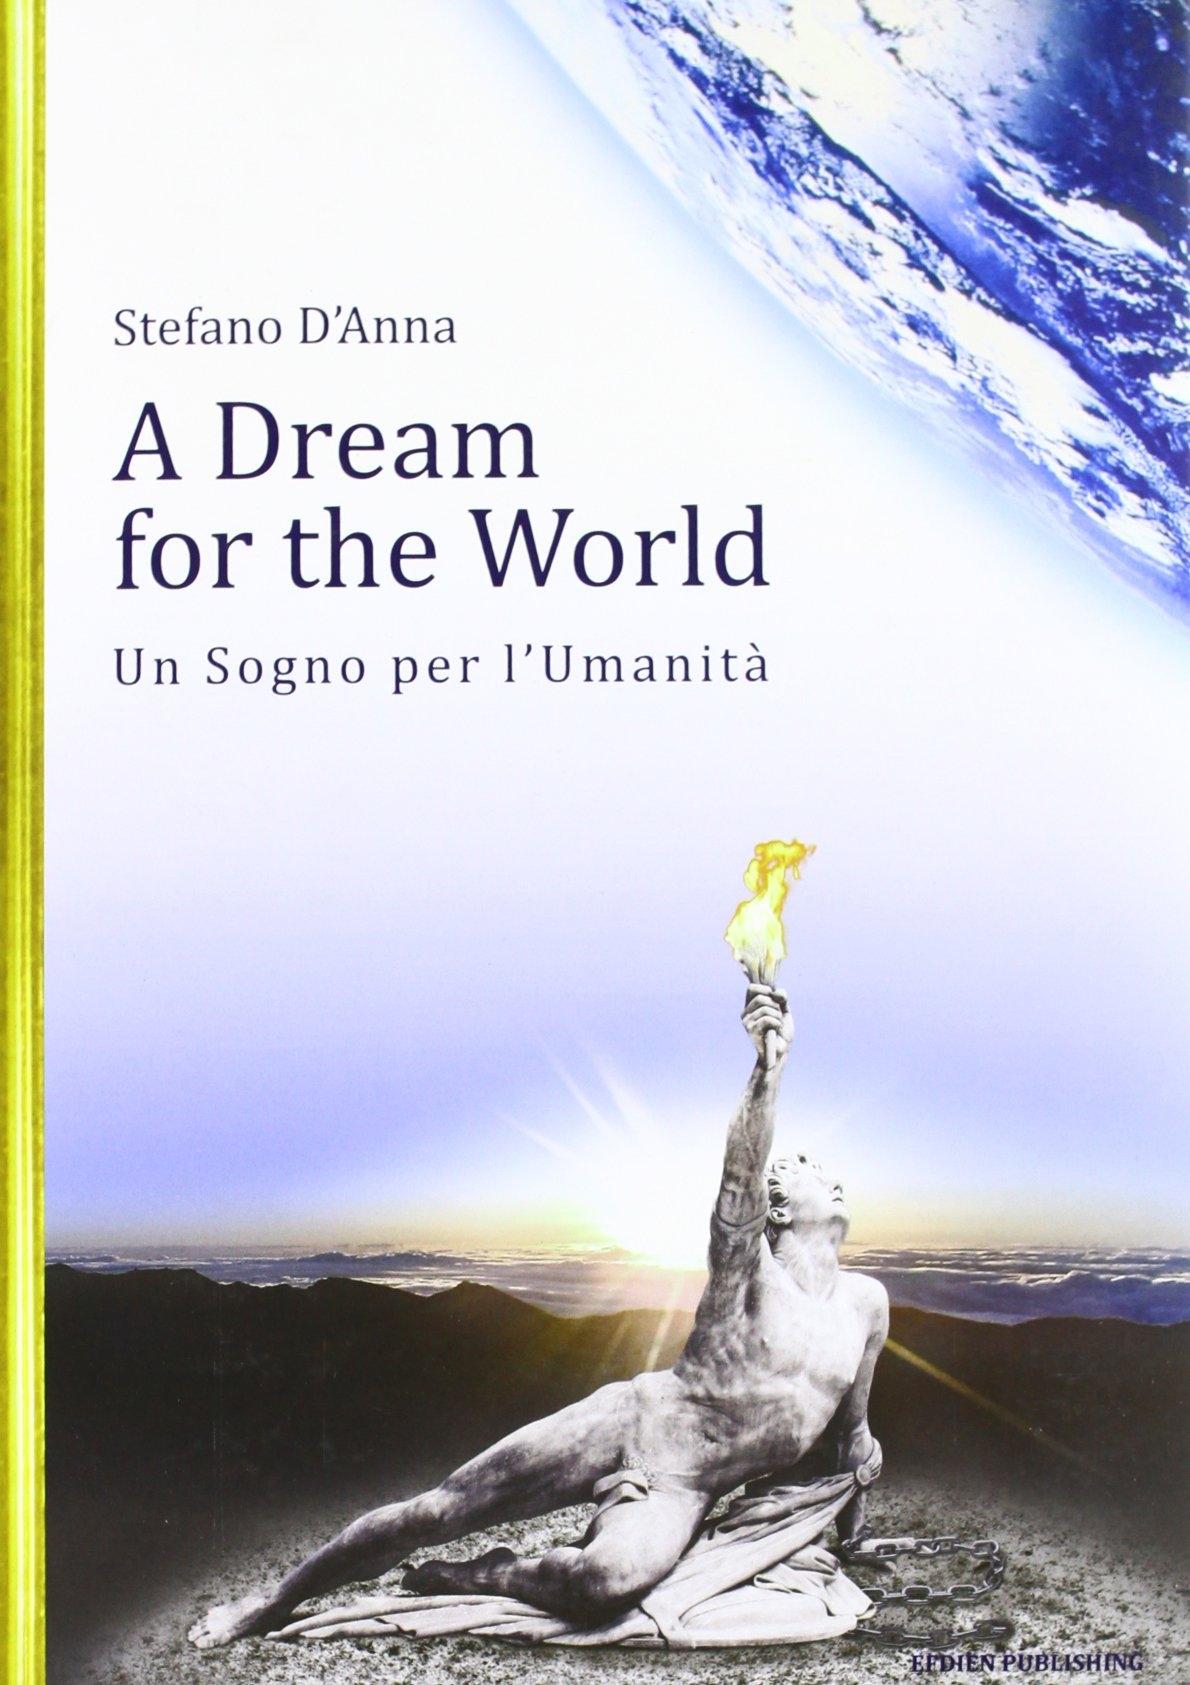 A dream for the world-Un sogno per l'umanità.